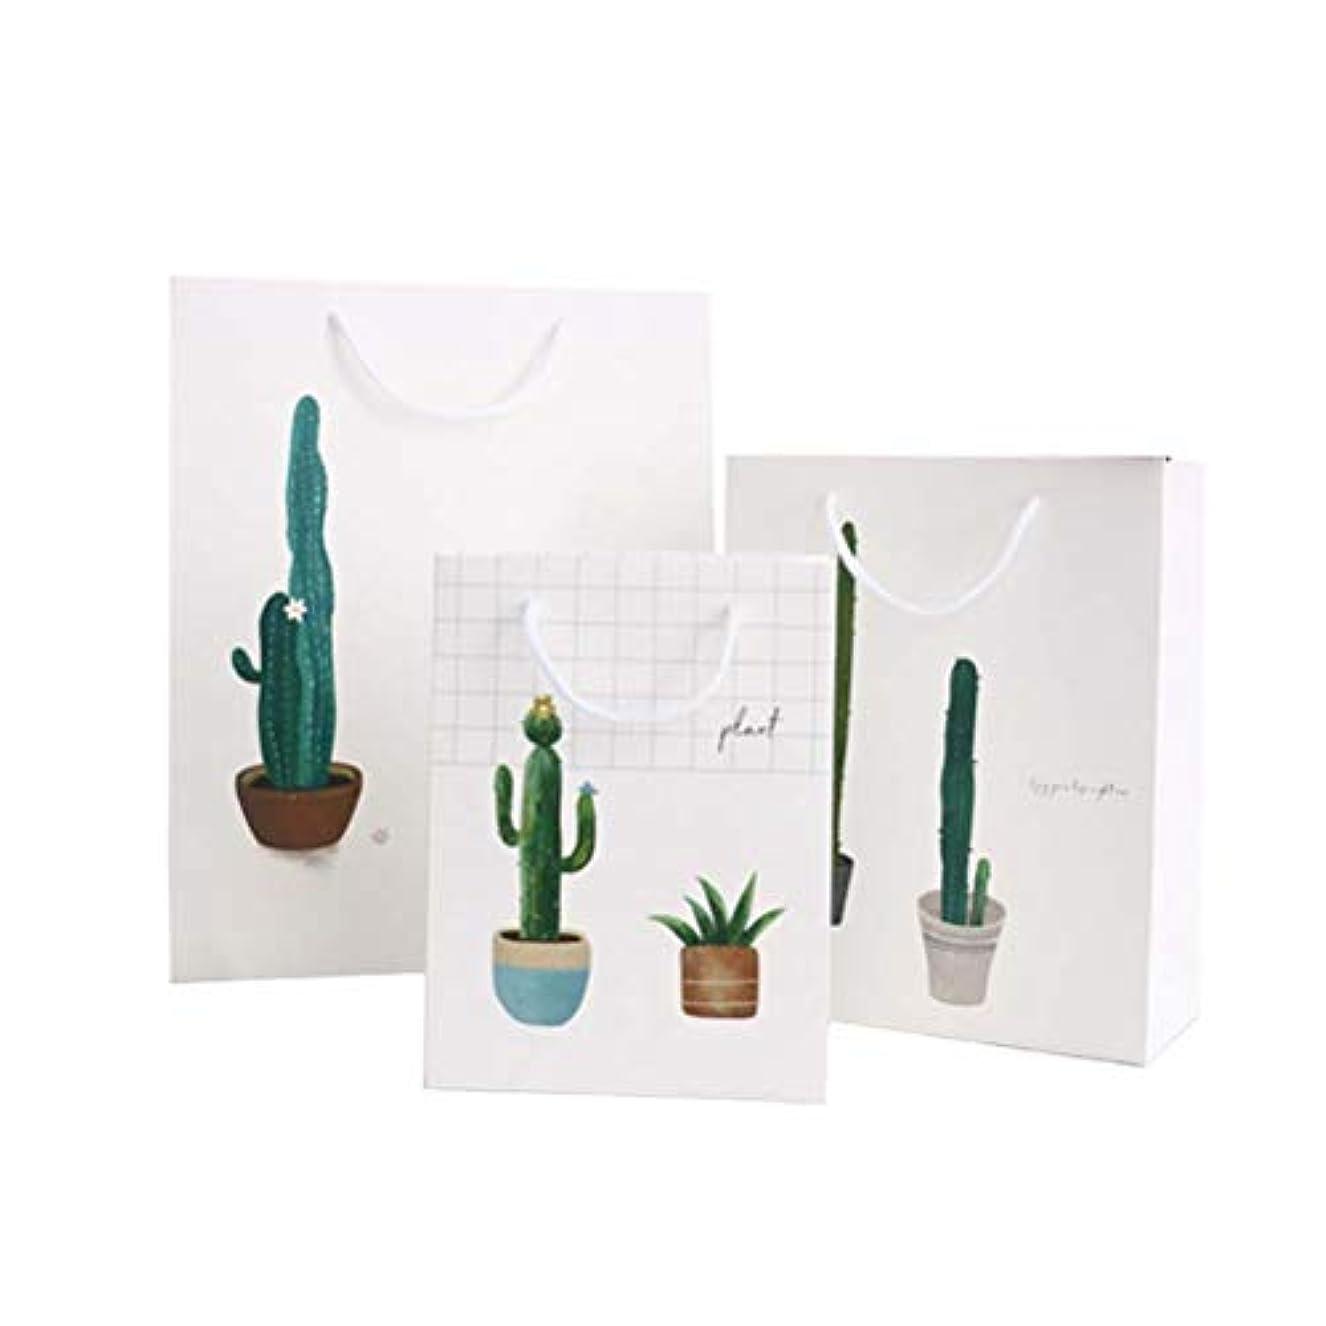 小間比喩ファブリックAmosfun 夏のギフトバッグ植物印刷ギフト収納ポーチ折りたたみトートバッグリサイクル可能なポータブル紙ハンドバッグ(1ピースサイズS + M + L)3ピース